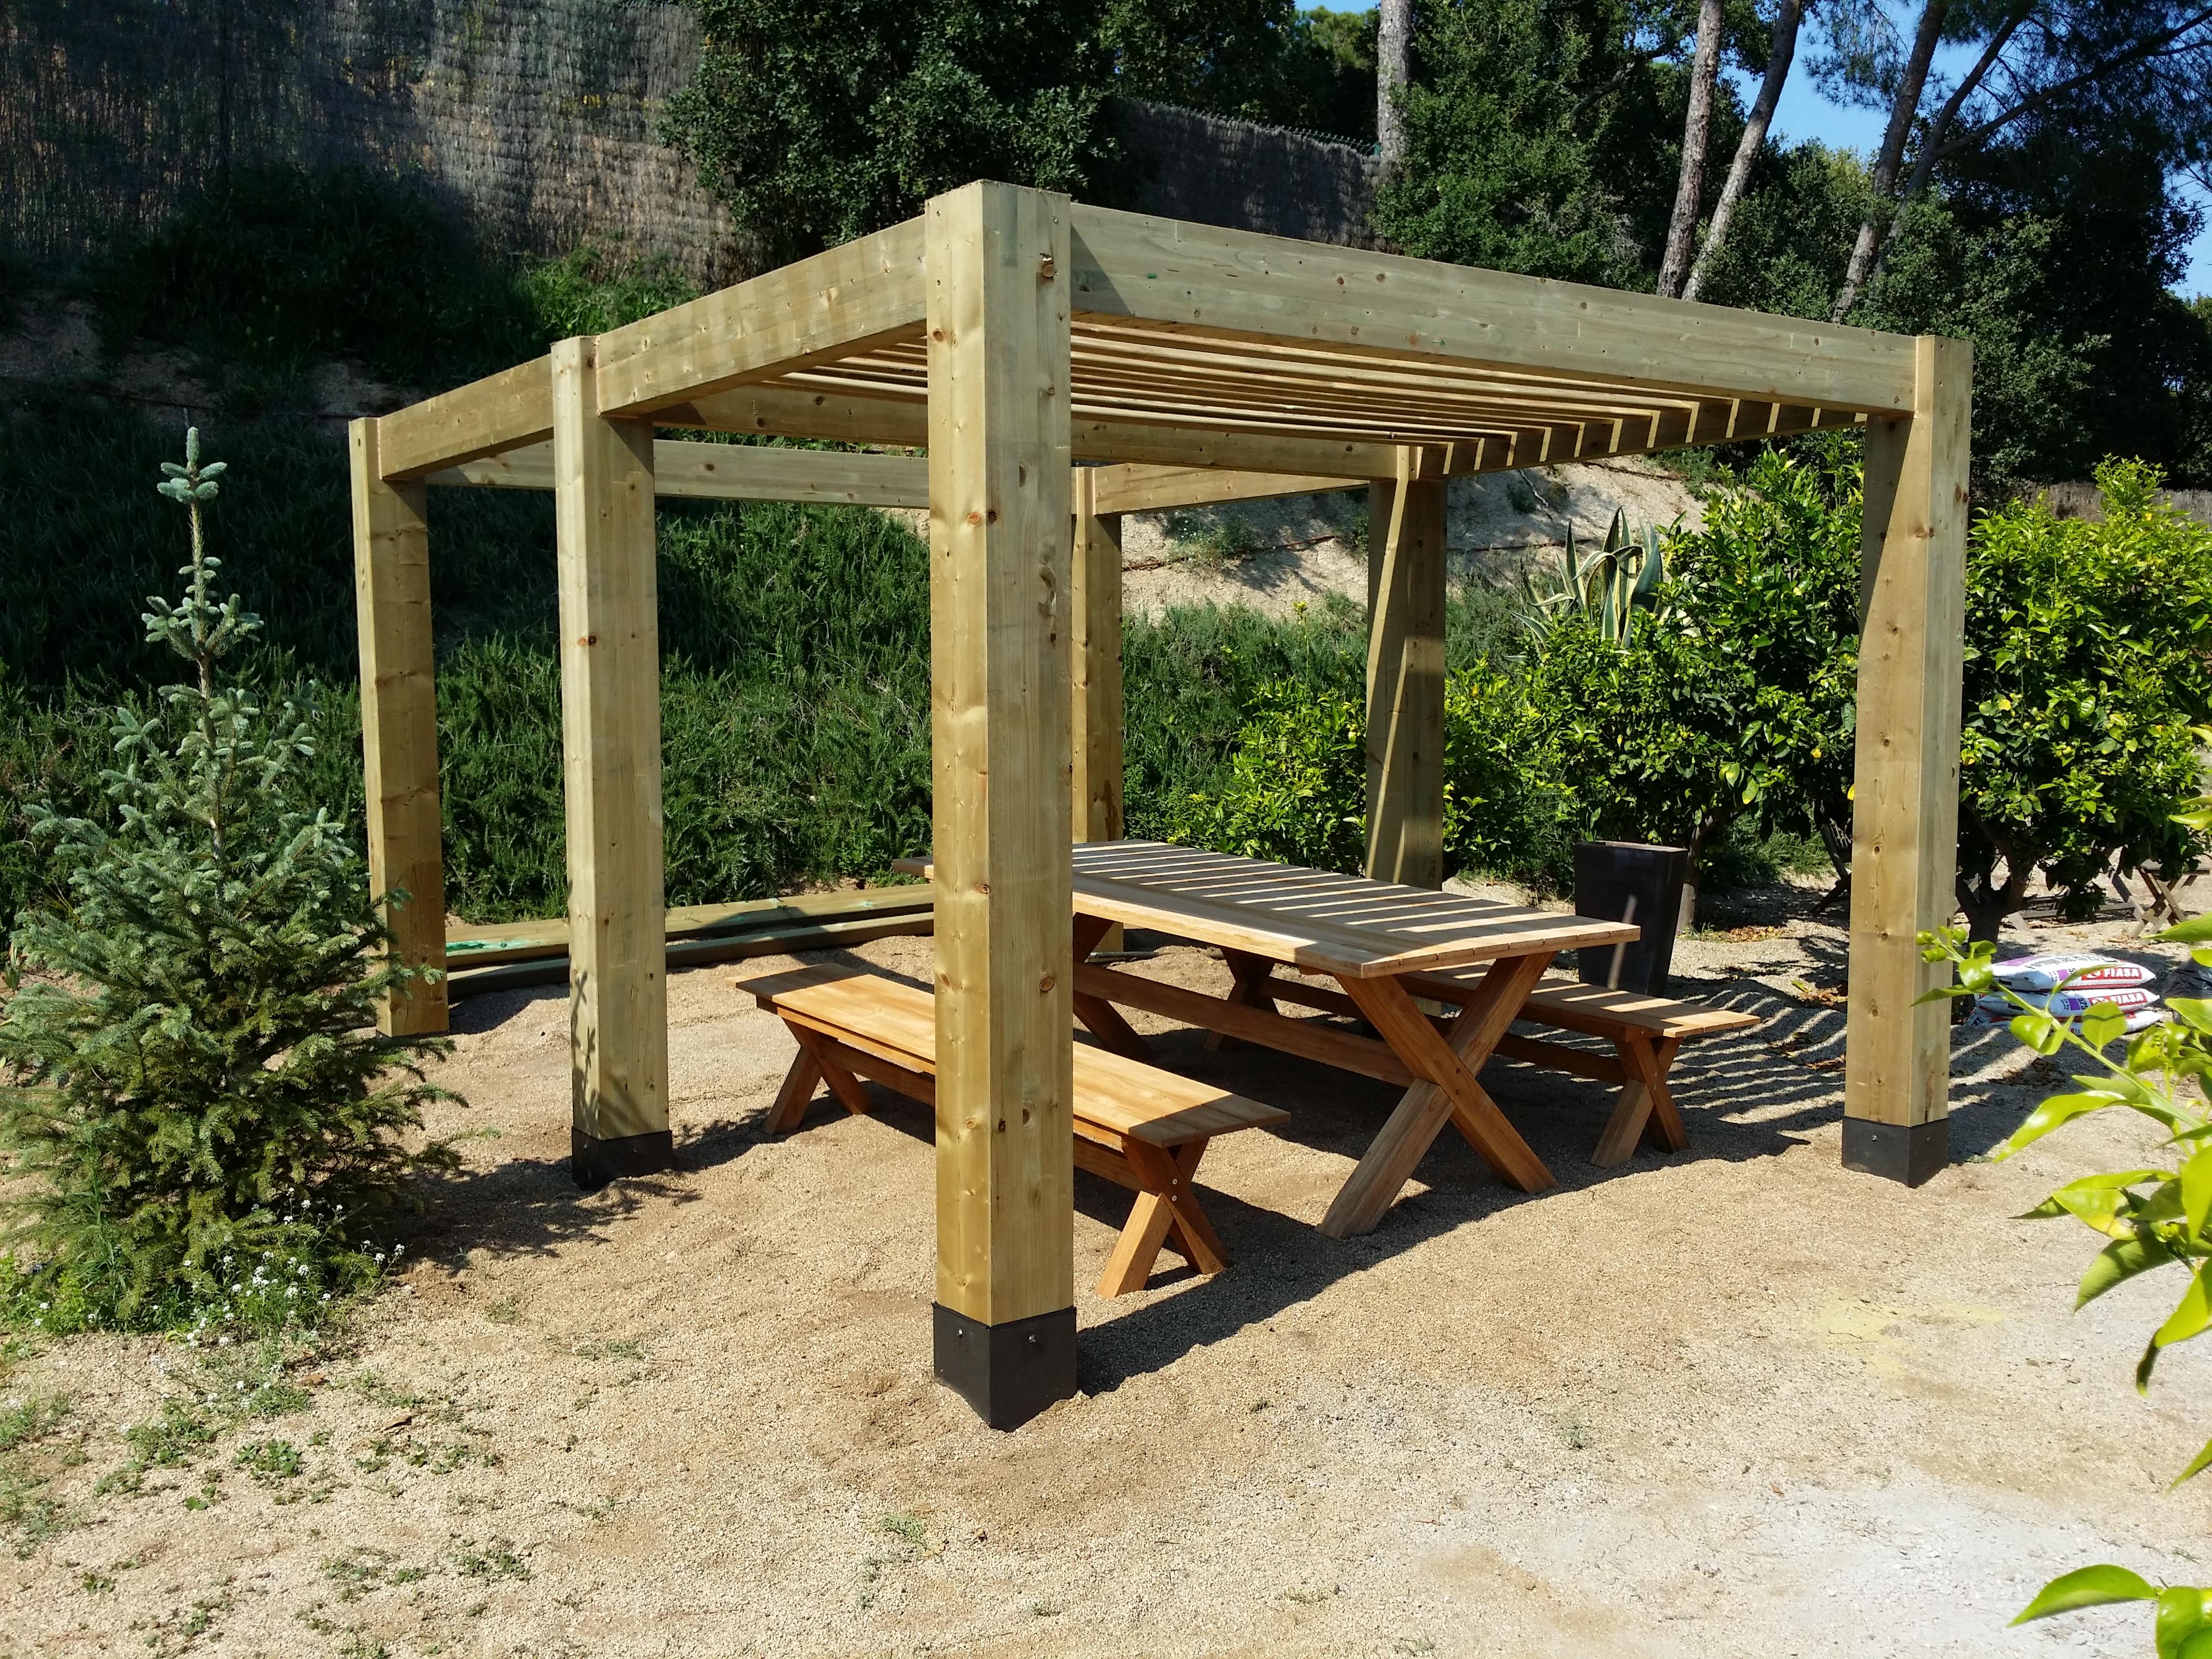 P rgola o cenador de madera fabricada e instalada en la - Bases para pergolas ...